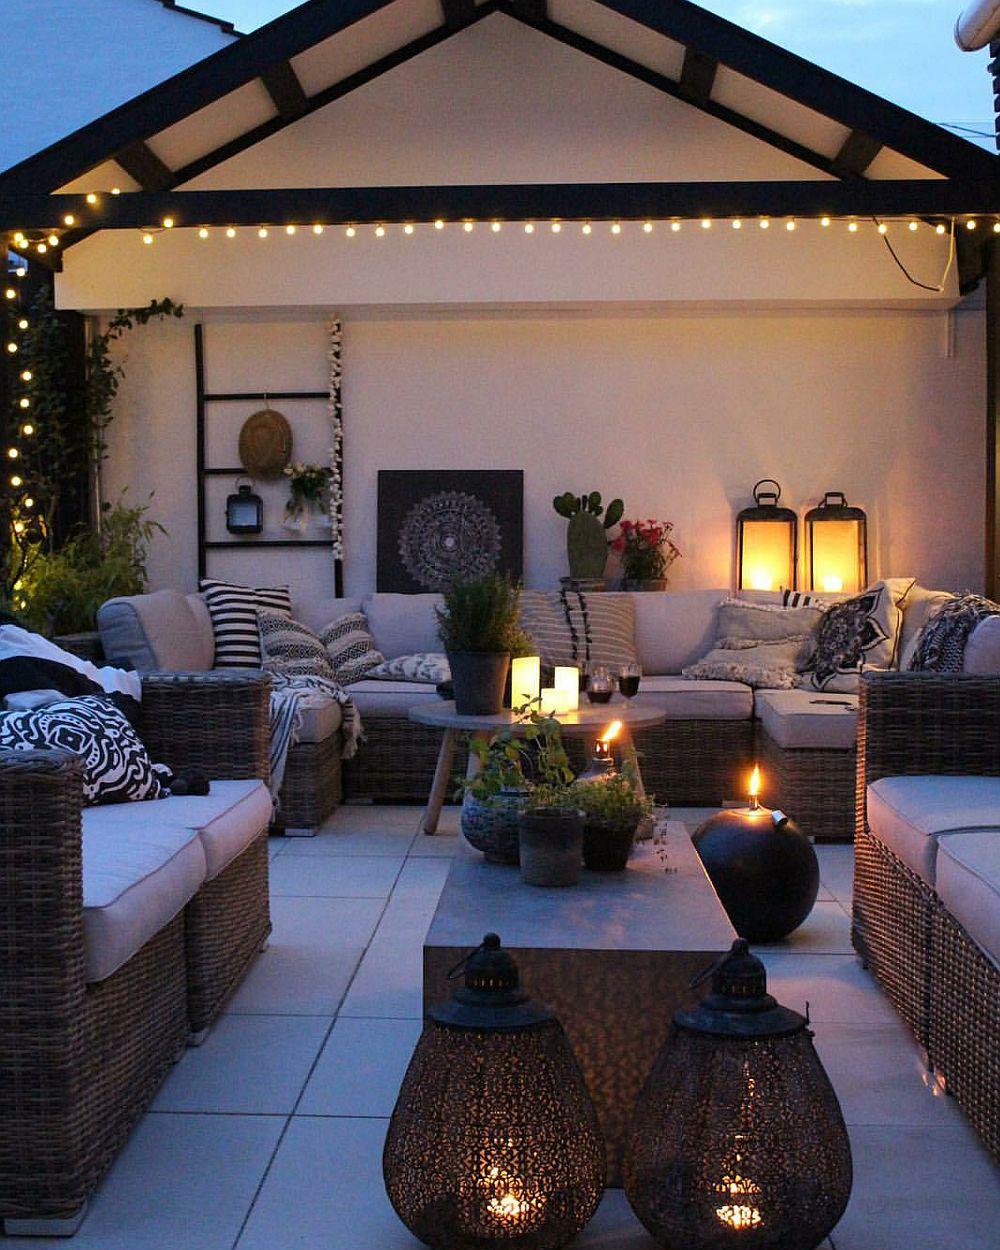 adelaparvu.com despre terasa in stil Nordic Boho, designer si foto Kristen Skovbon (12)